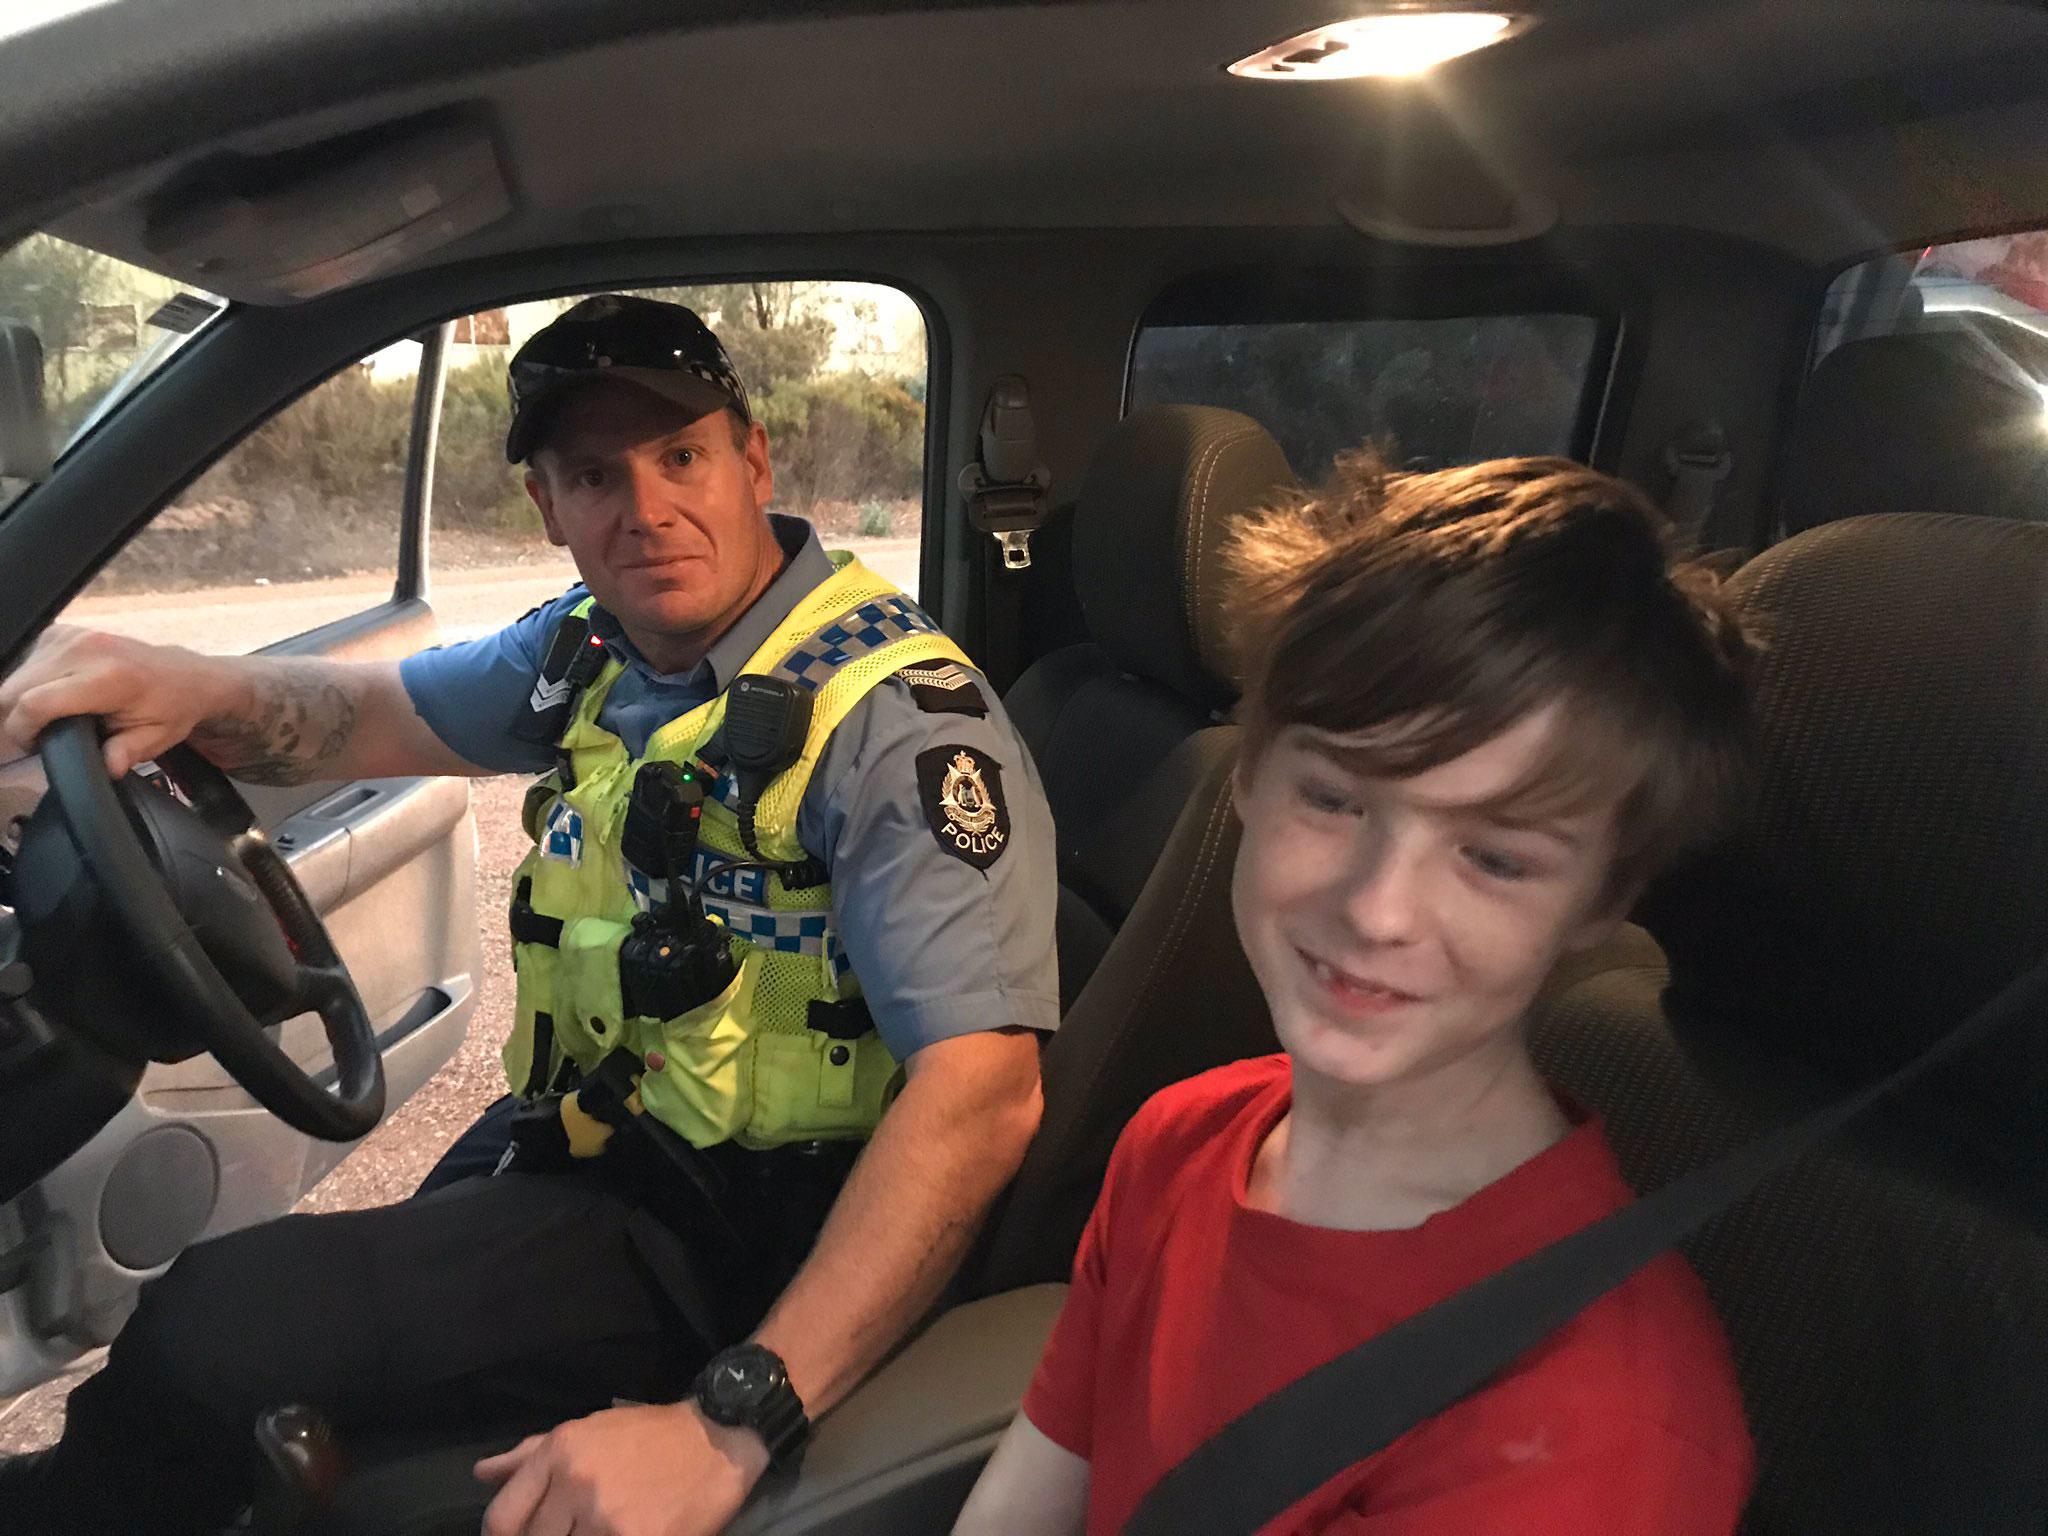 Αυστραλία: 12χρονος ήρωας, γλίτωσε από τη φωτιά γιατί ήξερε να οδηγεί!